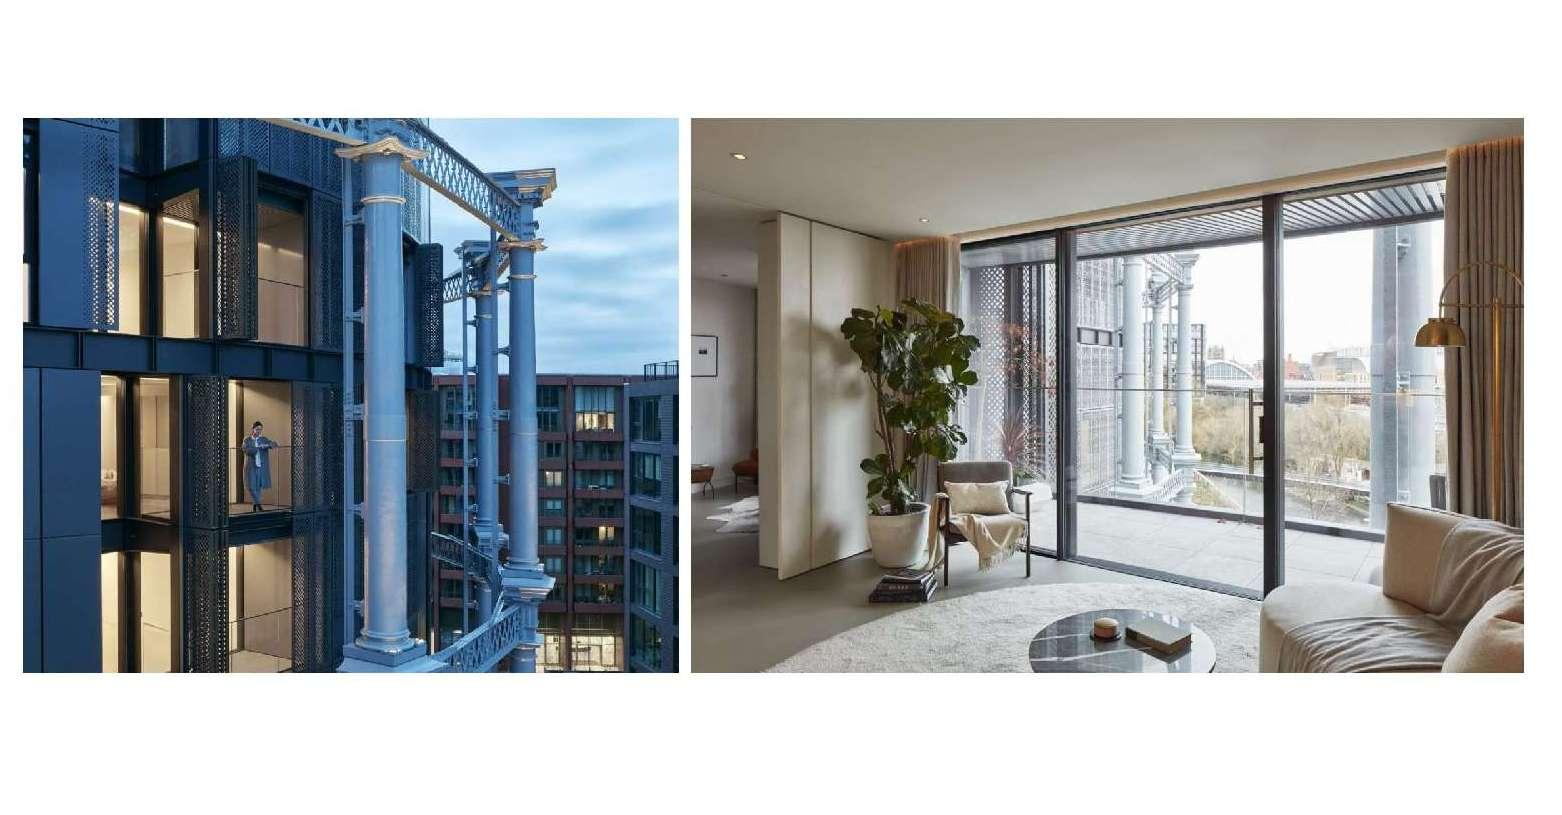 Esterno e interno. Gli appartamenti di lusso ricavati negli ex gasometri di King's Cross (photo by James Brittain)